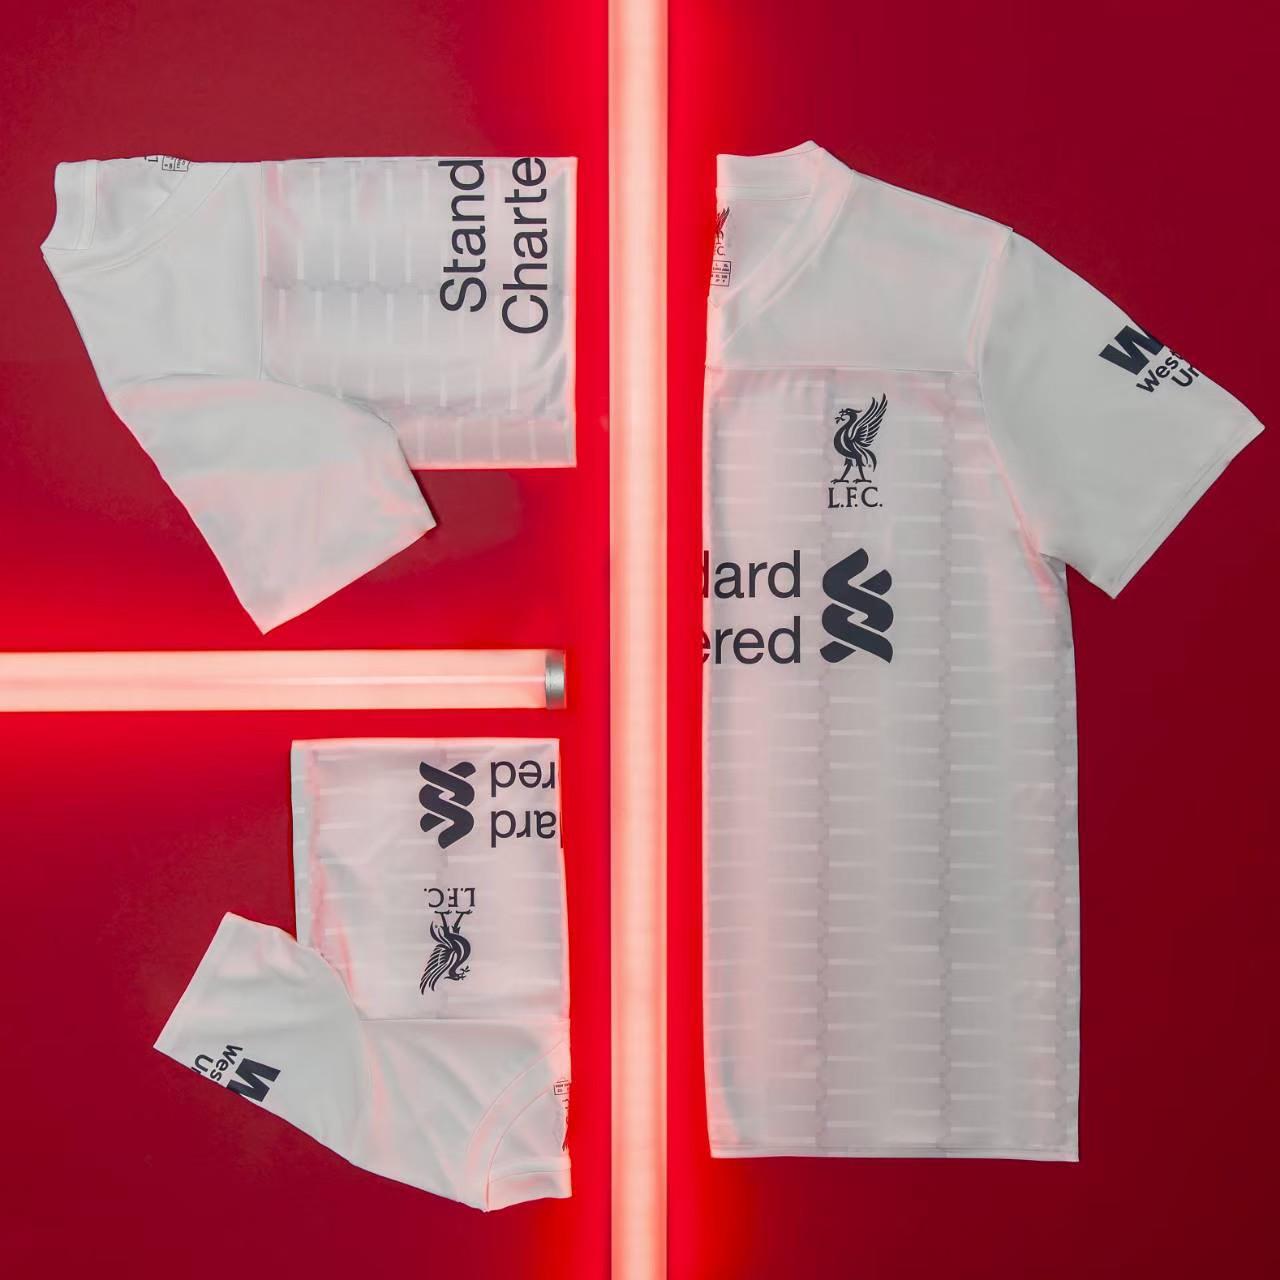 เสื้อเชียร์ ลิเวอร์พูล สีขาว ปี 2020